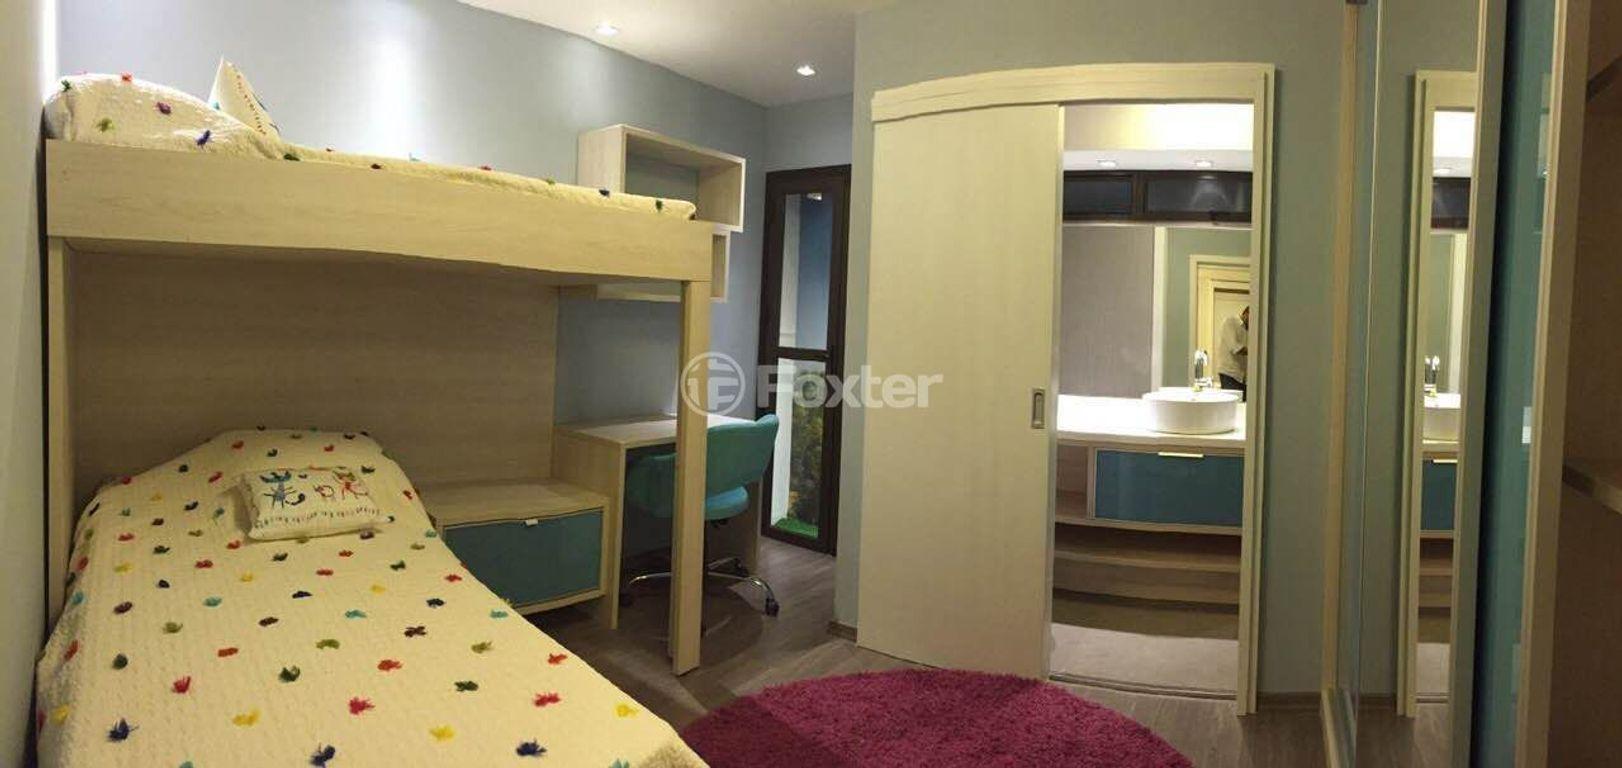 Casa 3 Dorm, Cristal, Porto Alegre (123585) - Foto 27